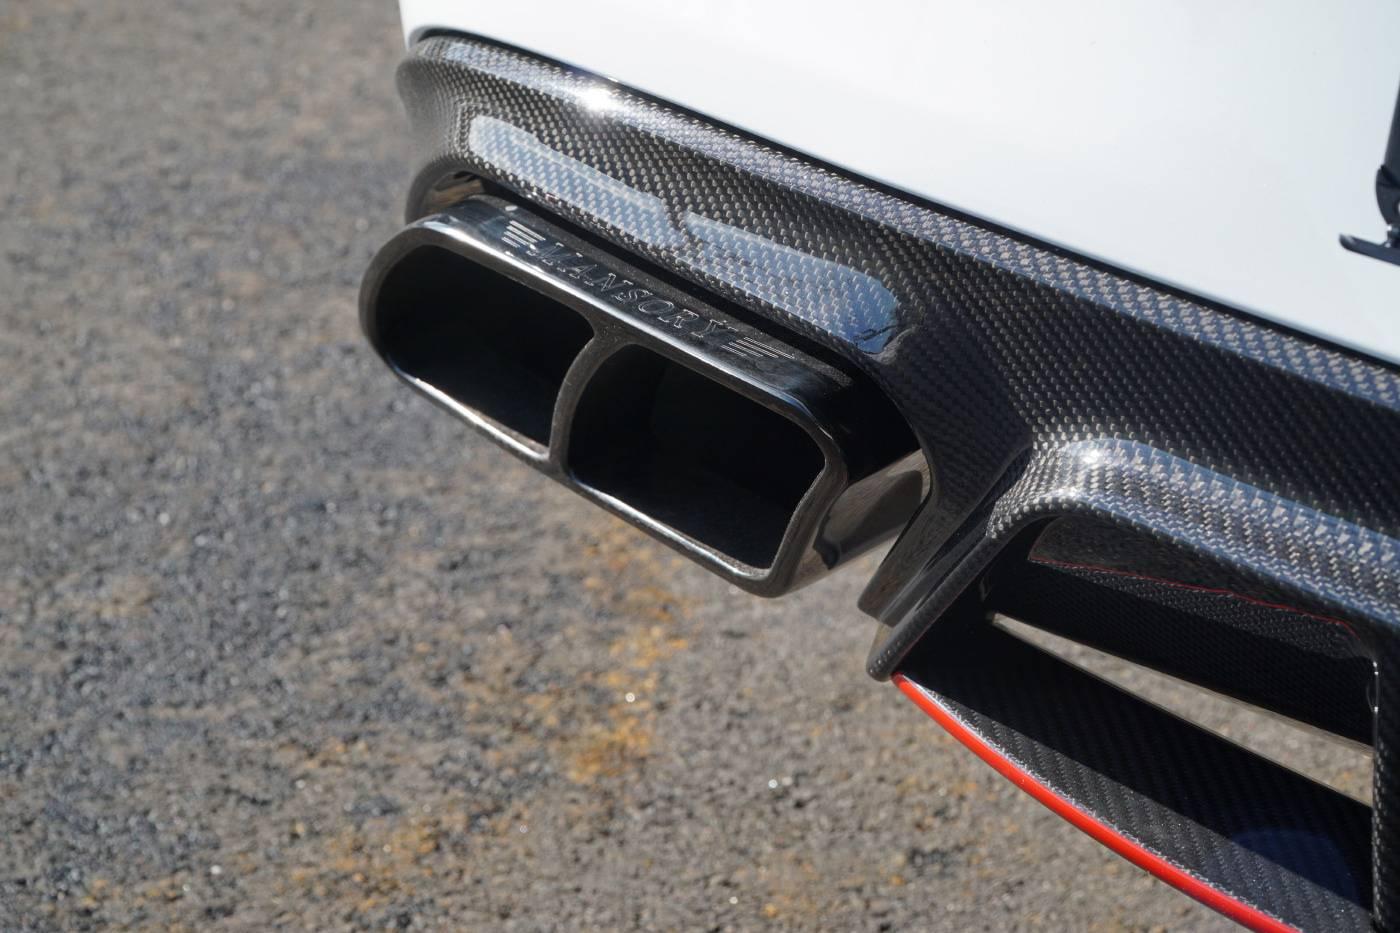 Кузовные детали и аксессуары теперь доступны для обновления C 63. В целом тюнинг-пакет намного более сдержан, чем большинство проектов, которые мы регулярно видим на европейских автосалонах. Очевидно, он нацелен на массовый рынок, а не на немногих из